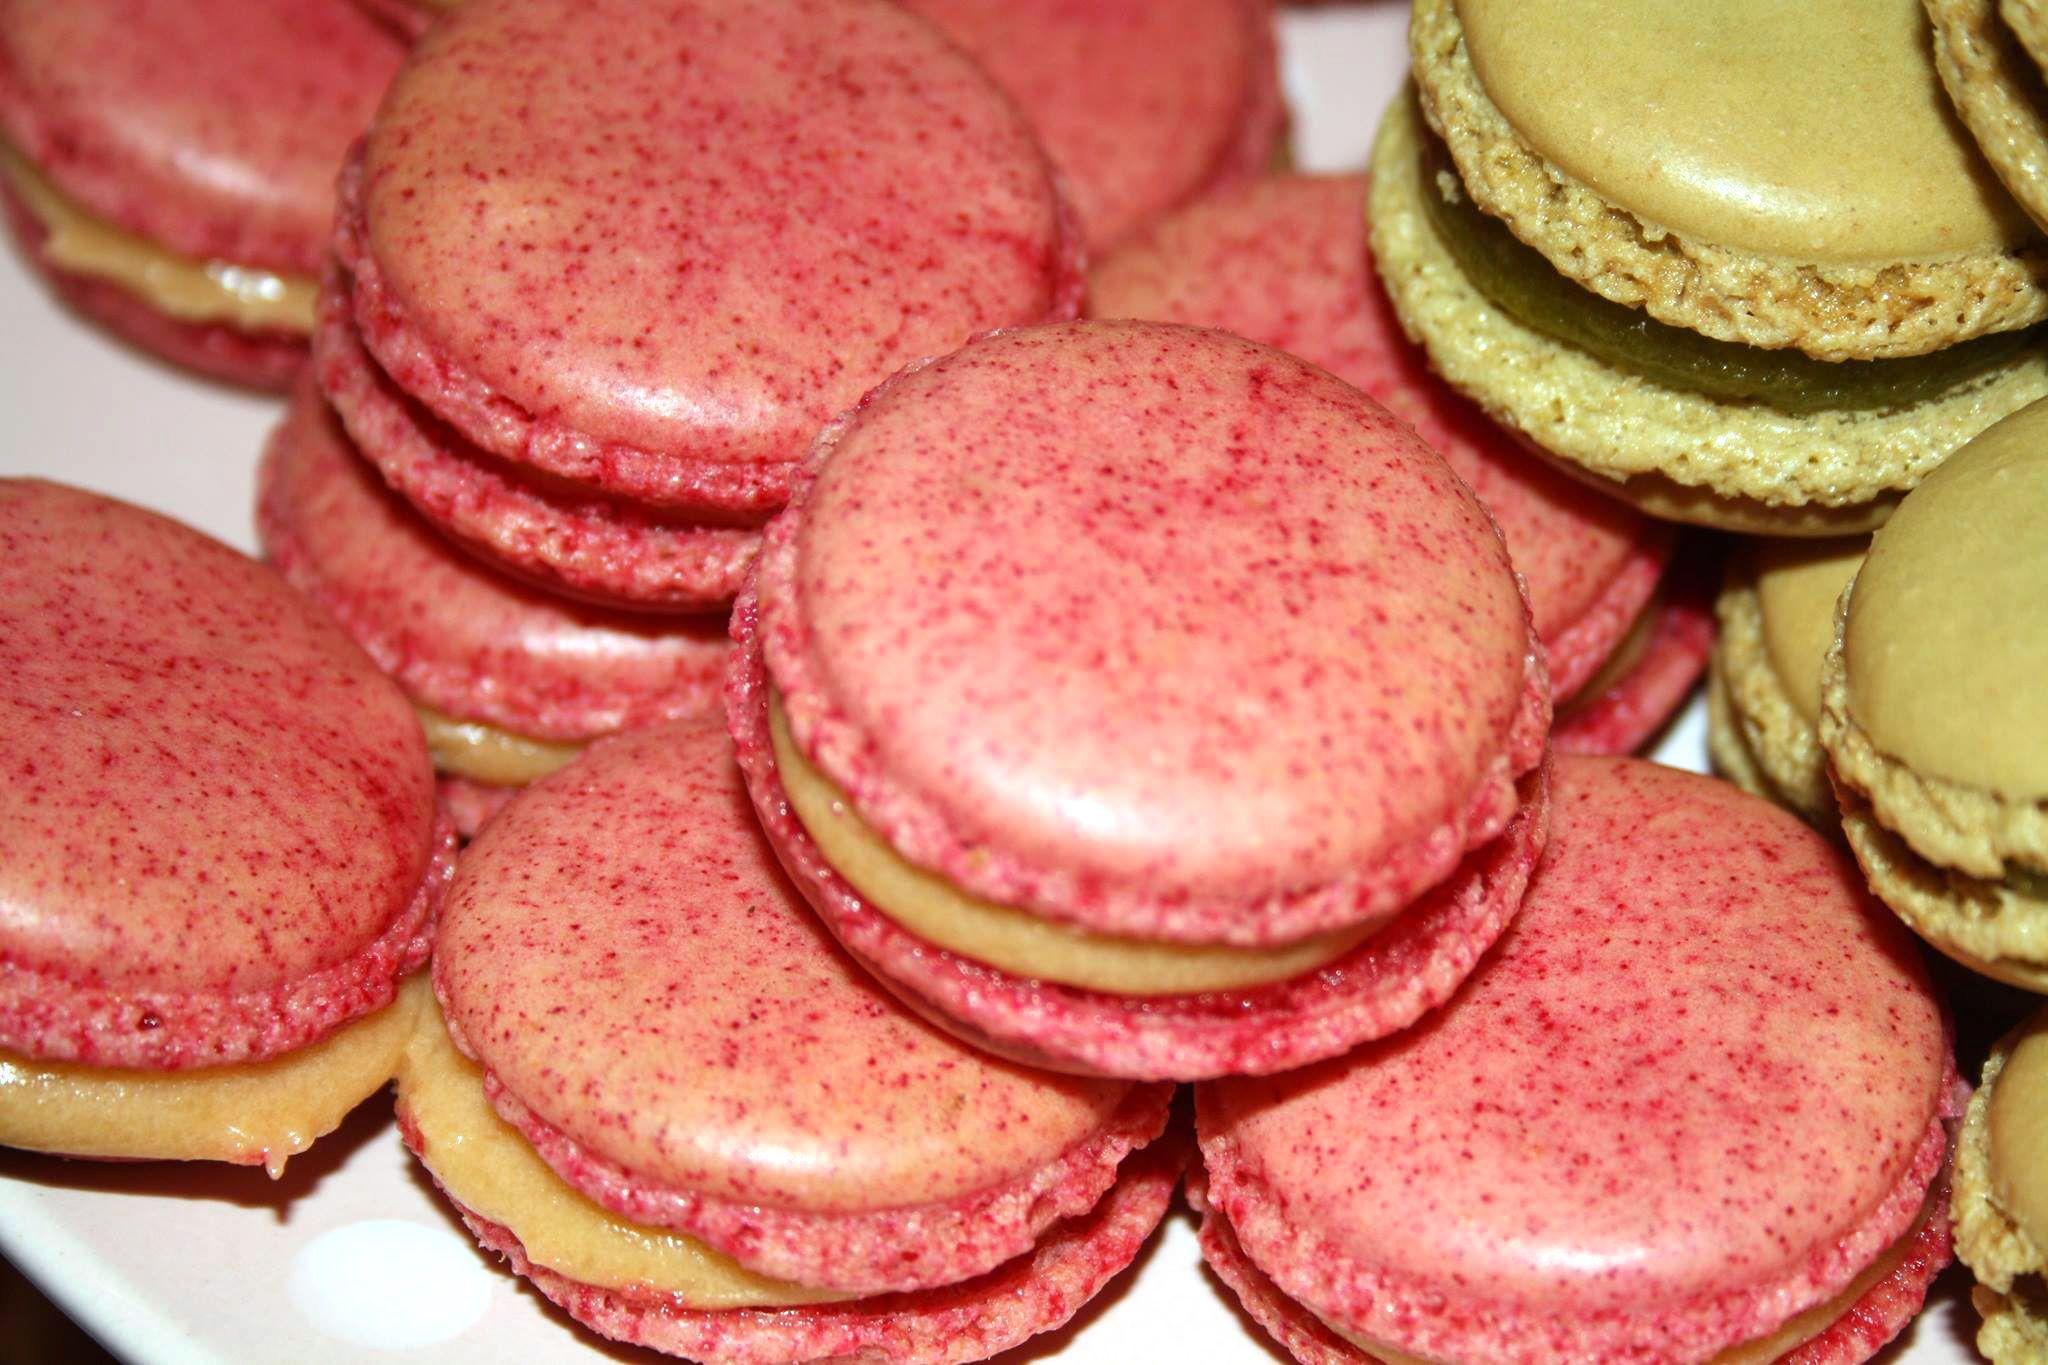 Aus der Rosa Küche stammen diese leckeren Macarons. Klasse!  Damit auch aus Eurer Küche solch verführerische Kreationen kommen, haben wir für Euch ein Macaron-Komplett-Set gepackt:  http://www.pati-versand.de/Zutaten/Set-Angebote/Macaron-Set::3658.html?utm_source=Facebook&utm_medium=Post&utm_campaign=FBMacarons